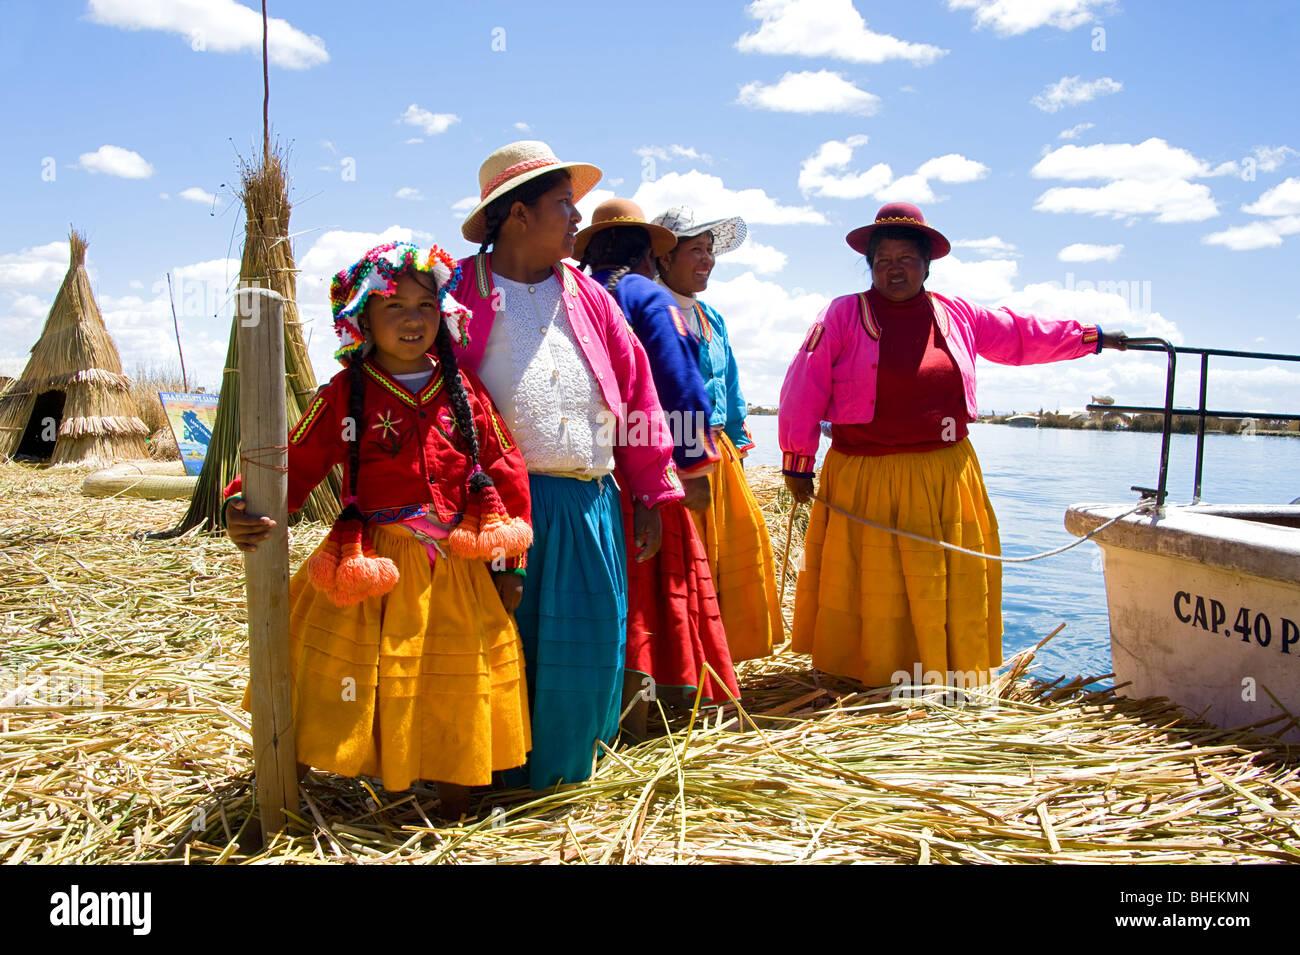 La gente de la Isla de los Uros Samary, Lago Titicaca, Perú Imagen De Stock